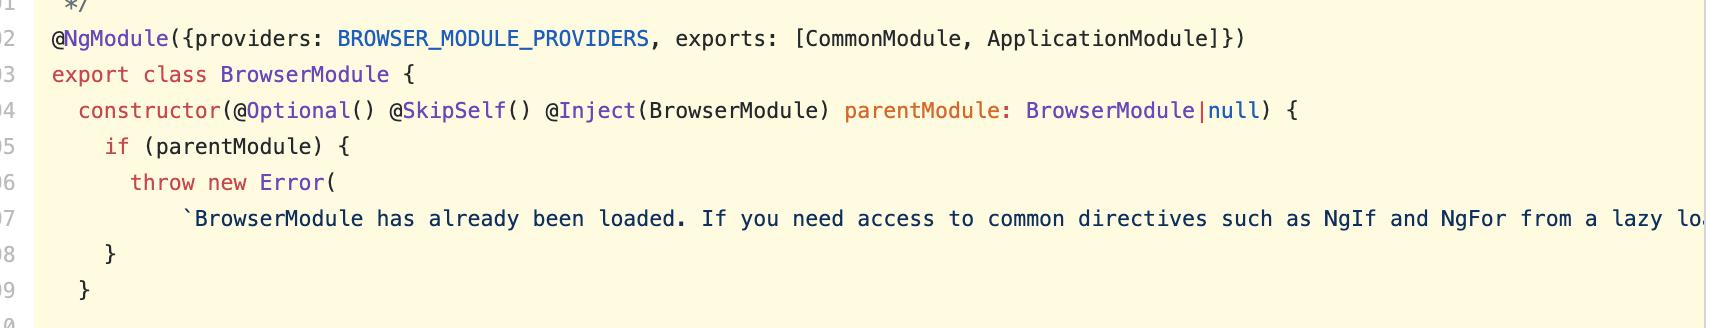 Использование подхода в BrowserModule